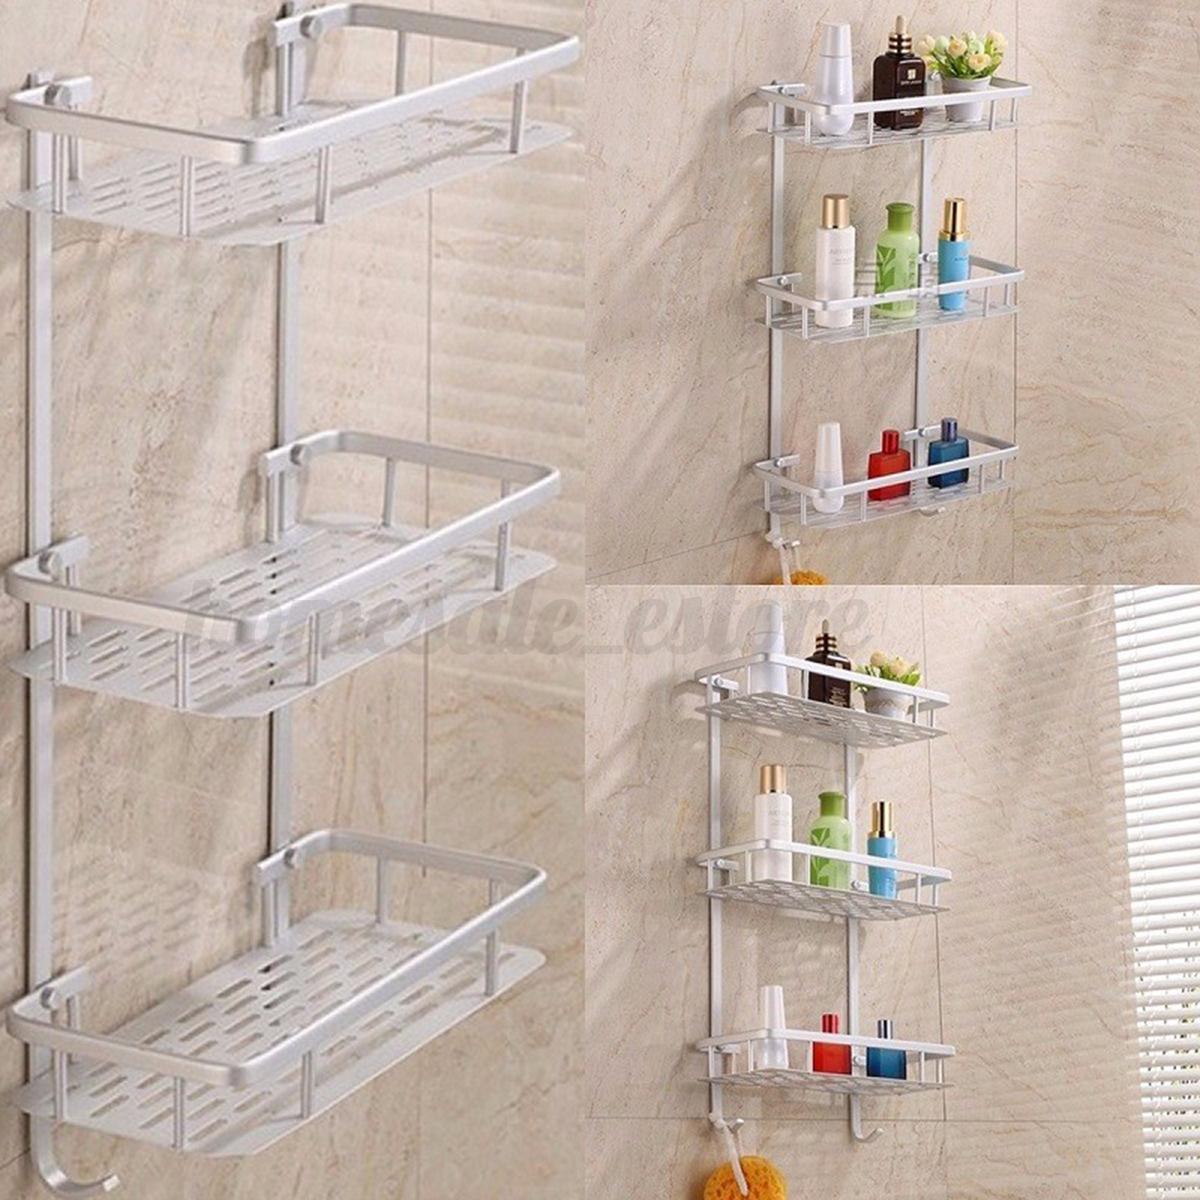 Bathroom Pole Shelf Shower Storage Caddy Organiser Tray Soap Bidet ...